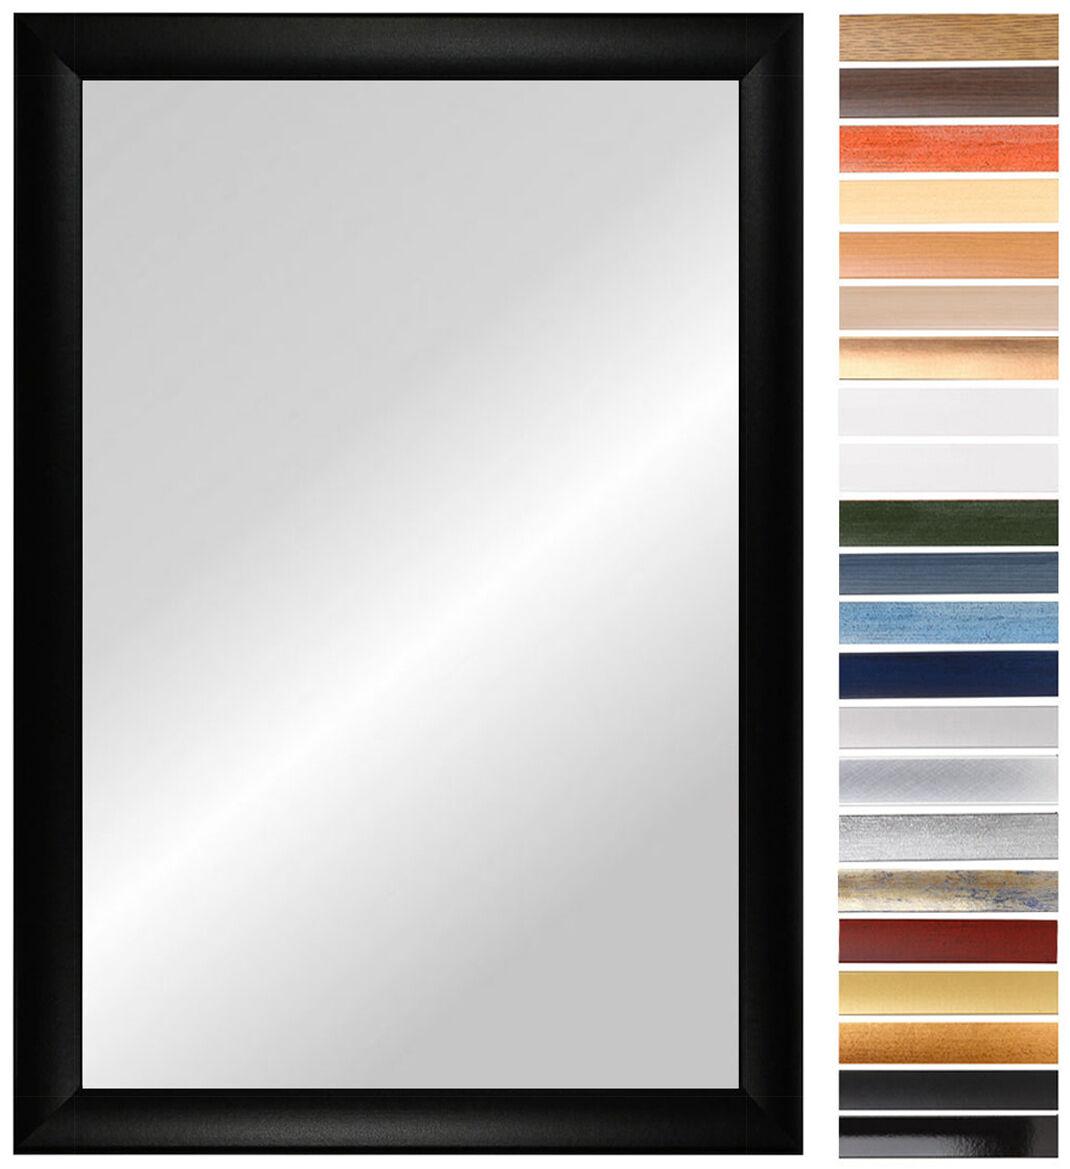 OLIMP Spiegelrahmen 65 x 125 cm Spiegel Wandspiegel Badspiegel - Top Qualität